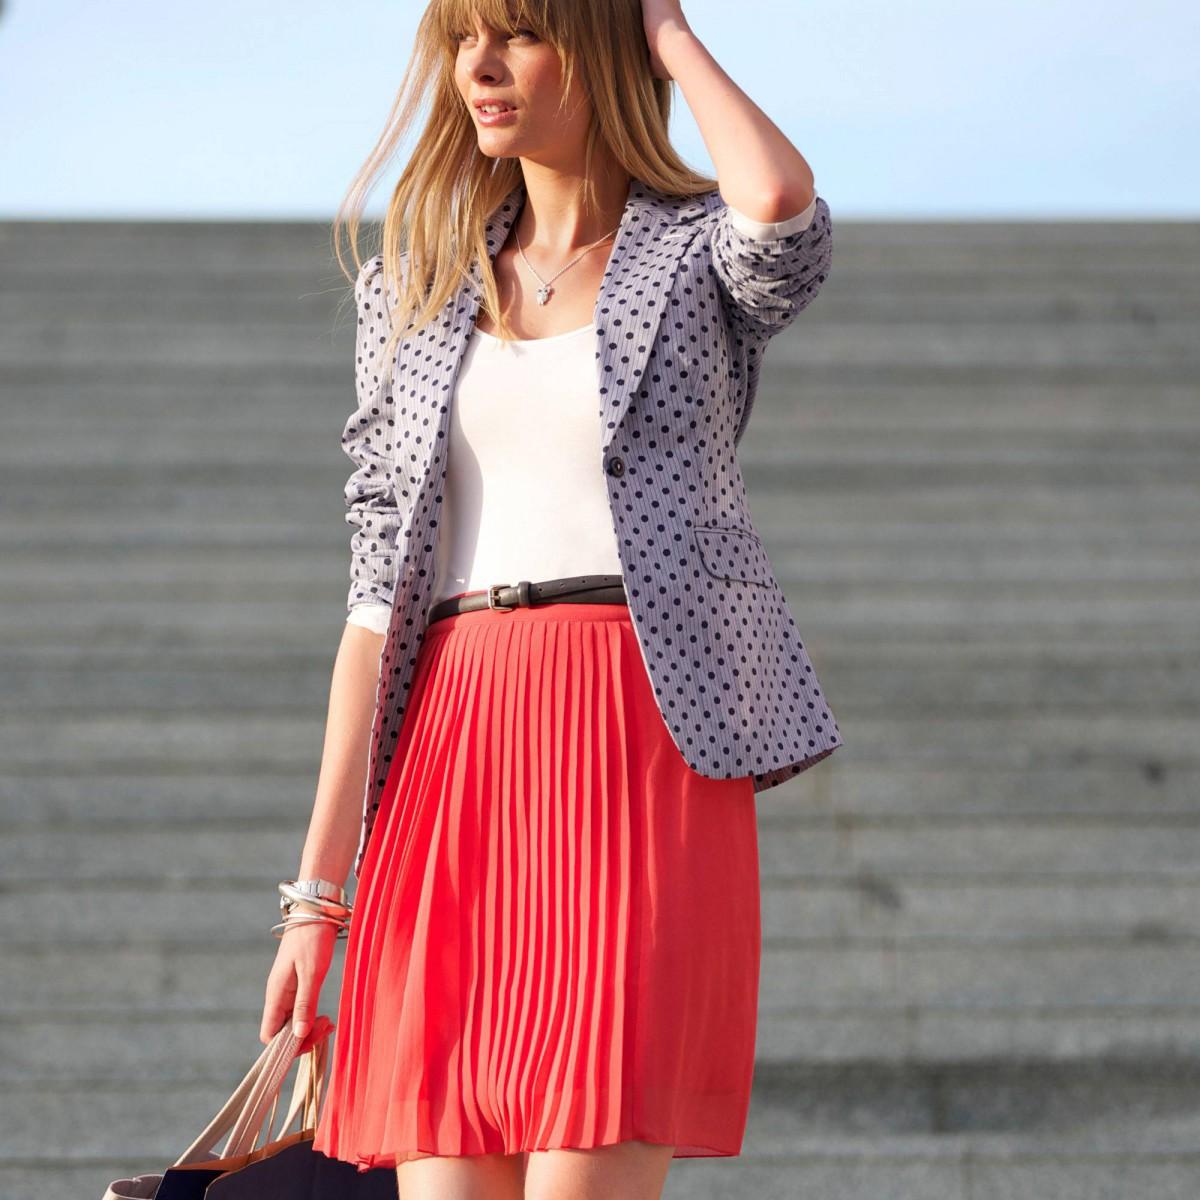 Красиво одетая молодая женщина